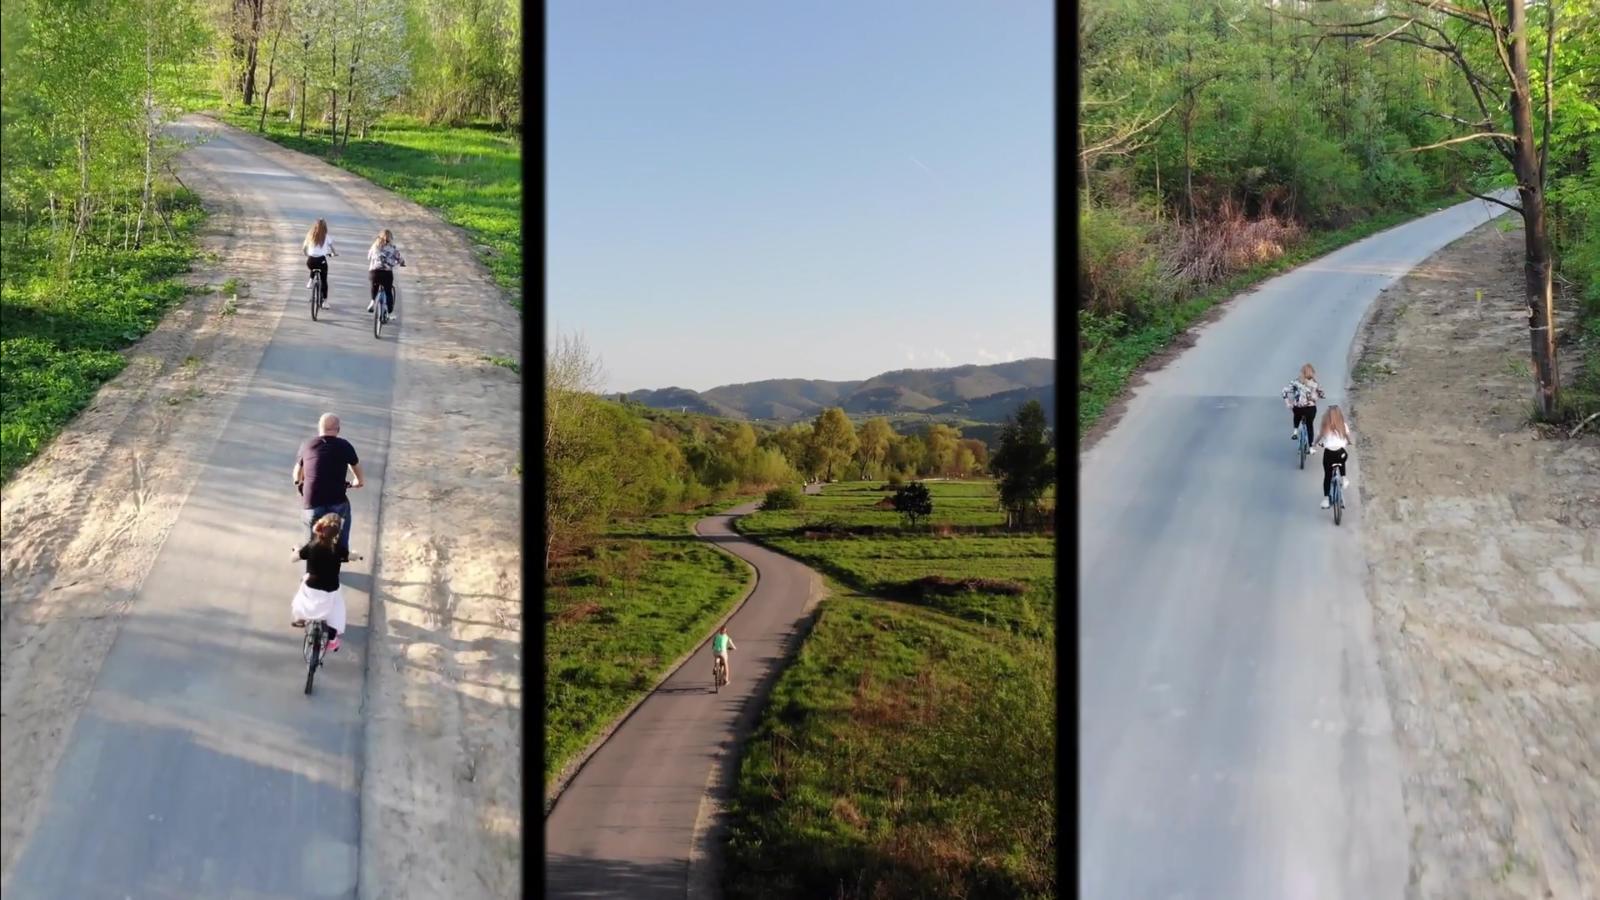 Stary Sącz - Barcice eurovelo 04.2018 rowerowo 4K - z lotu Ptaka